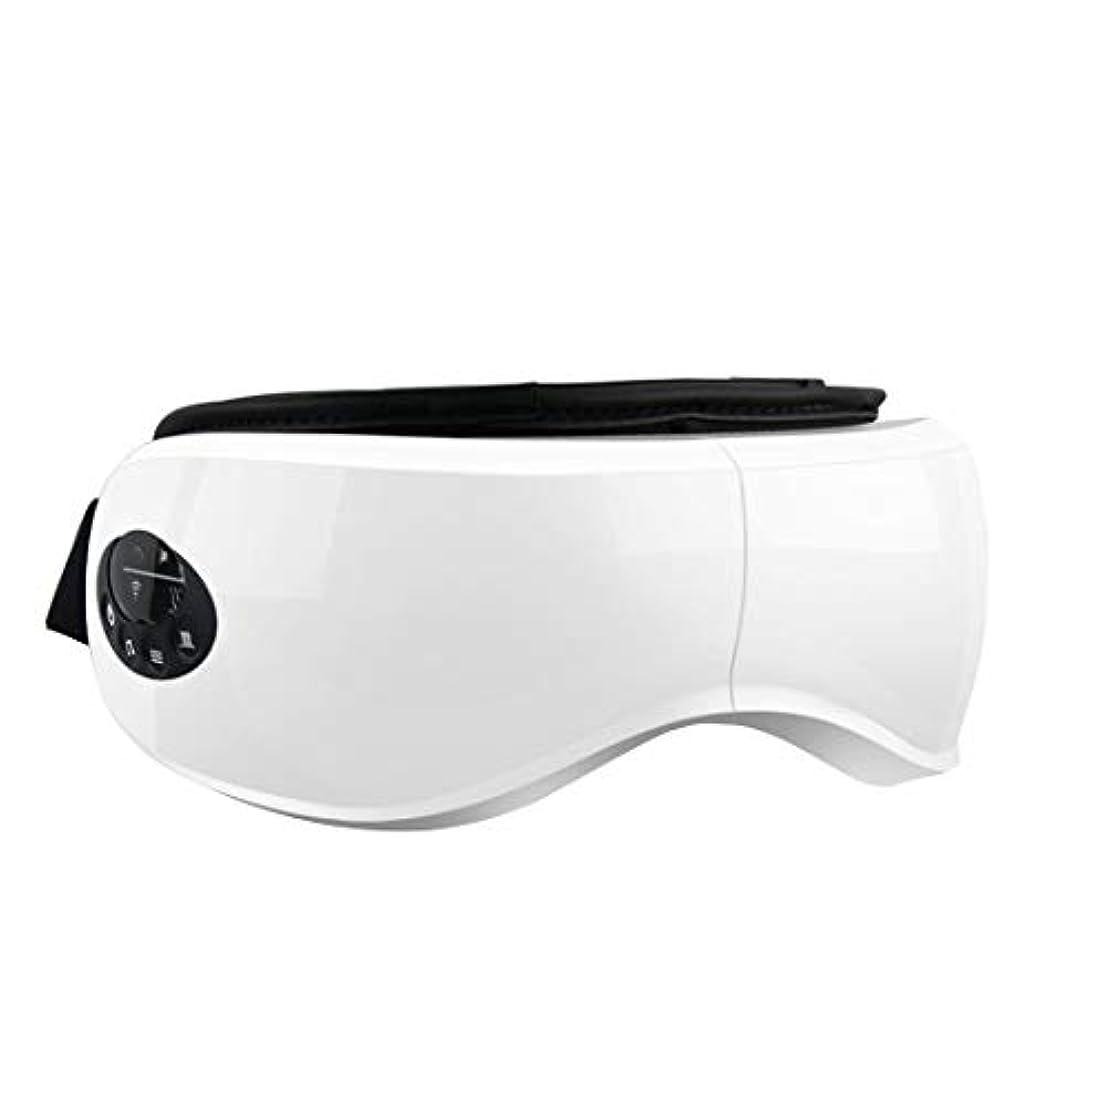 ニンニク撤回するクレデンシャル人民の東の道 空気圧振動を伴う電気アイテンプルマッサージアイリラックス視力治療のための熱圧迫ストレス疲労